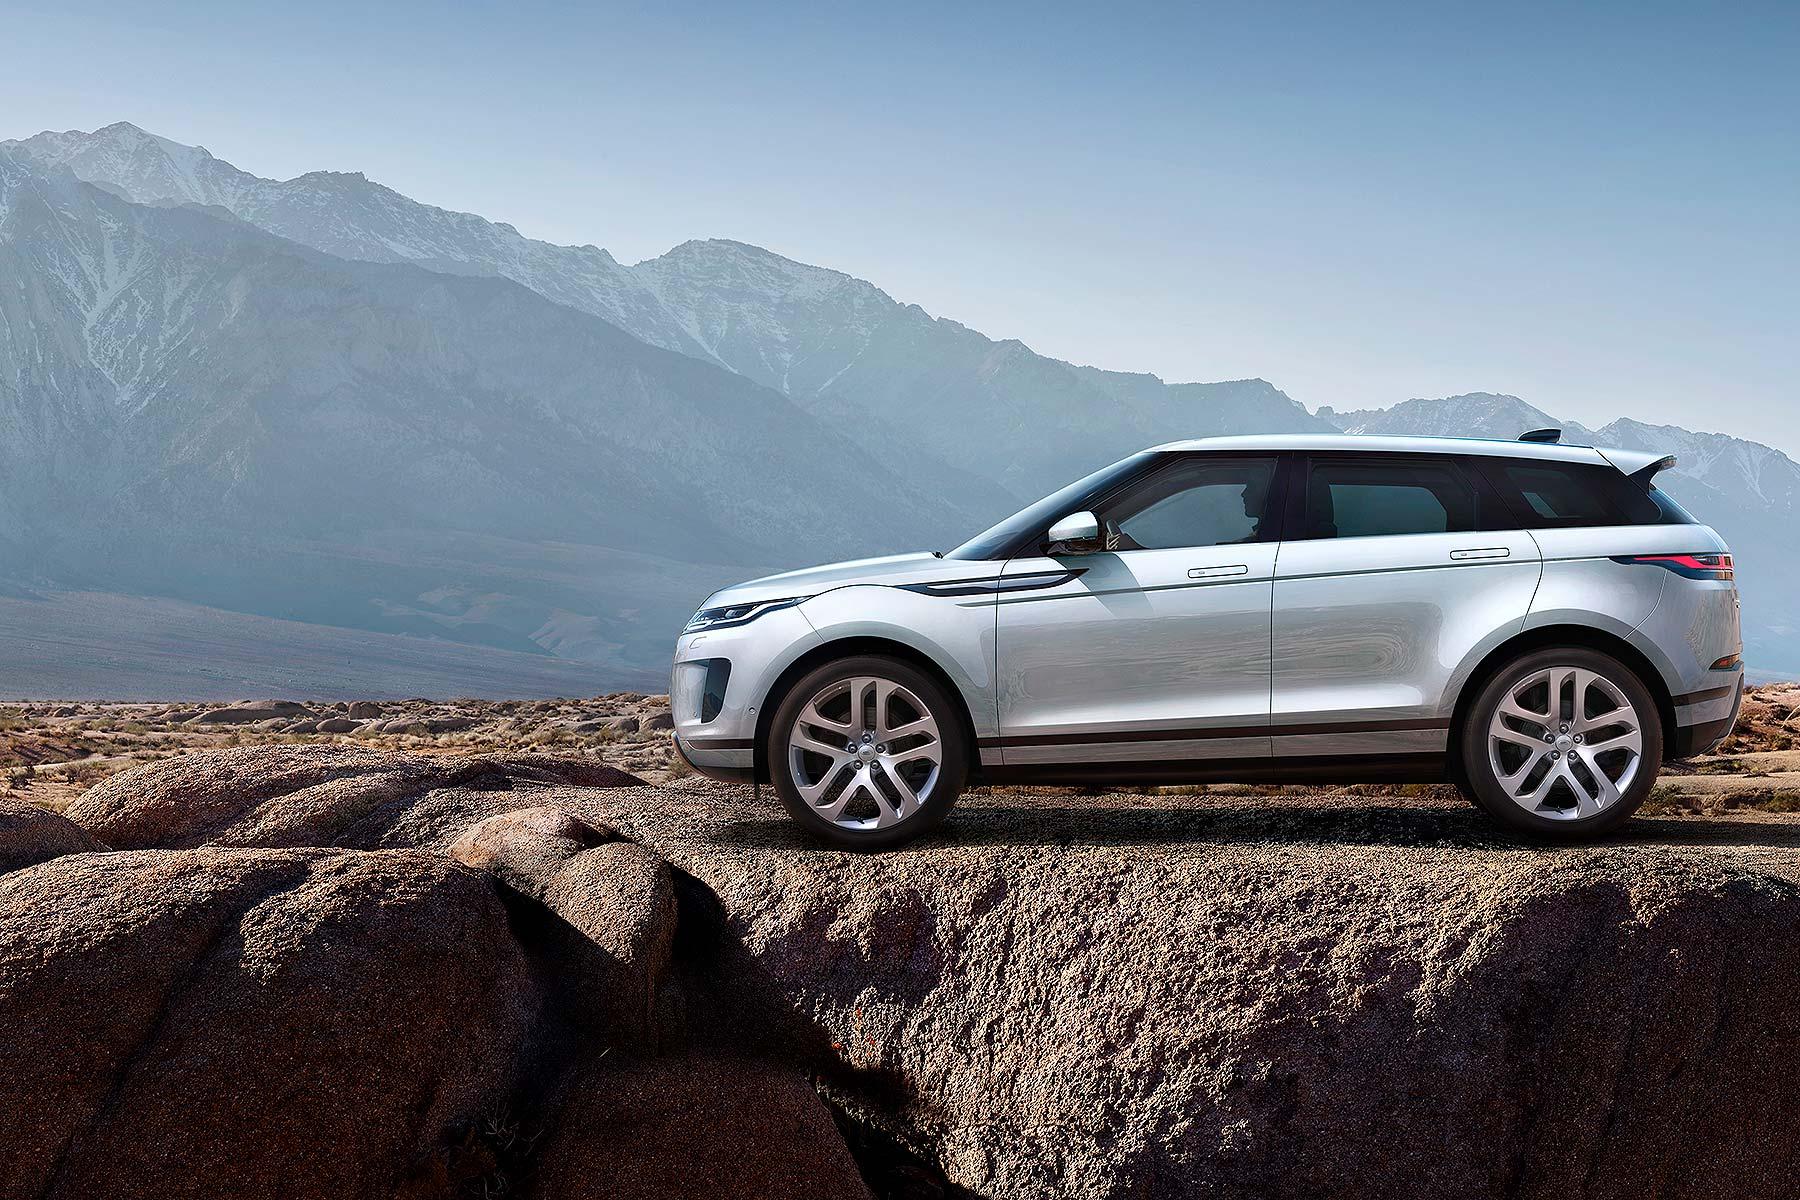 New 2019 Range Rover Evoque Prices And Specs Revealed